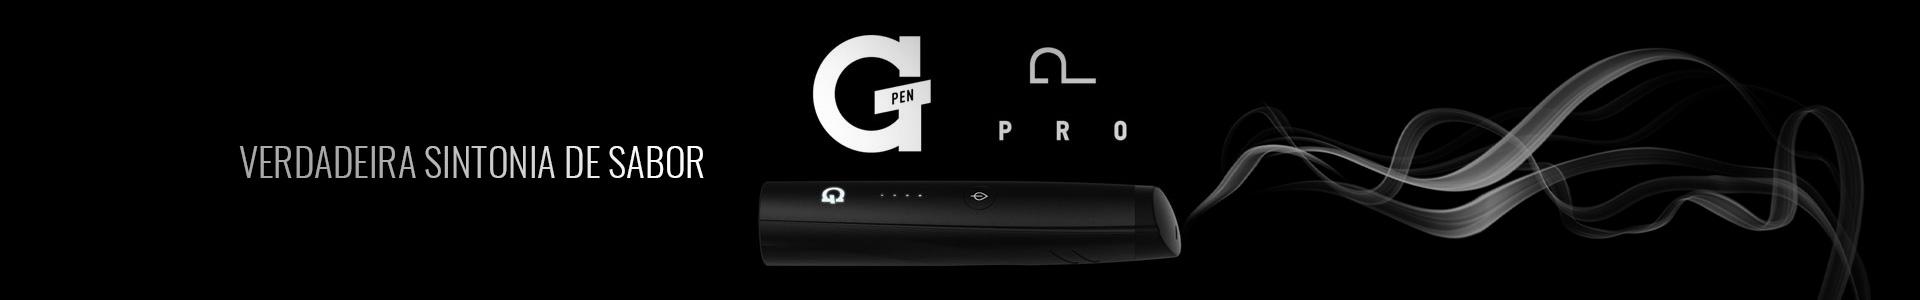 Vaporizador de Ervas Extrato G Pen Pro Grenco Science